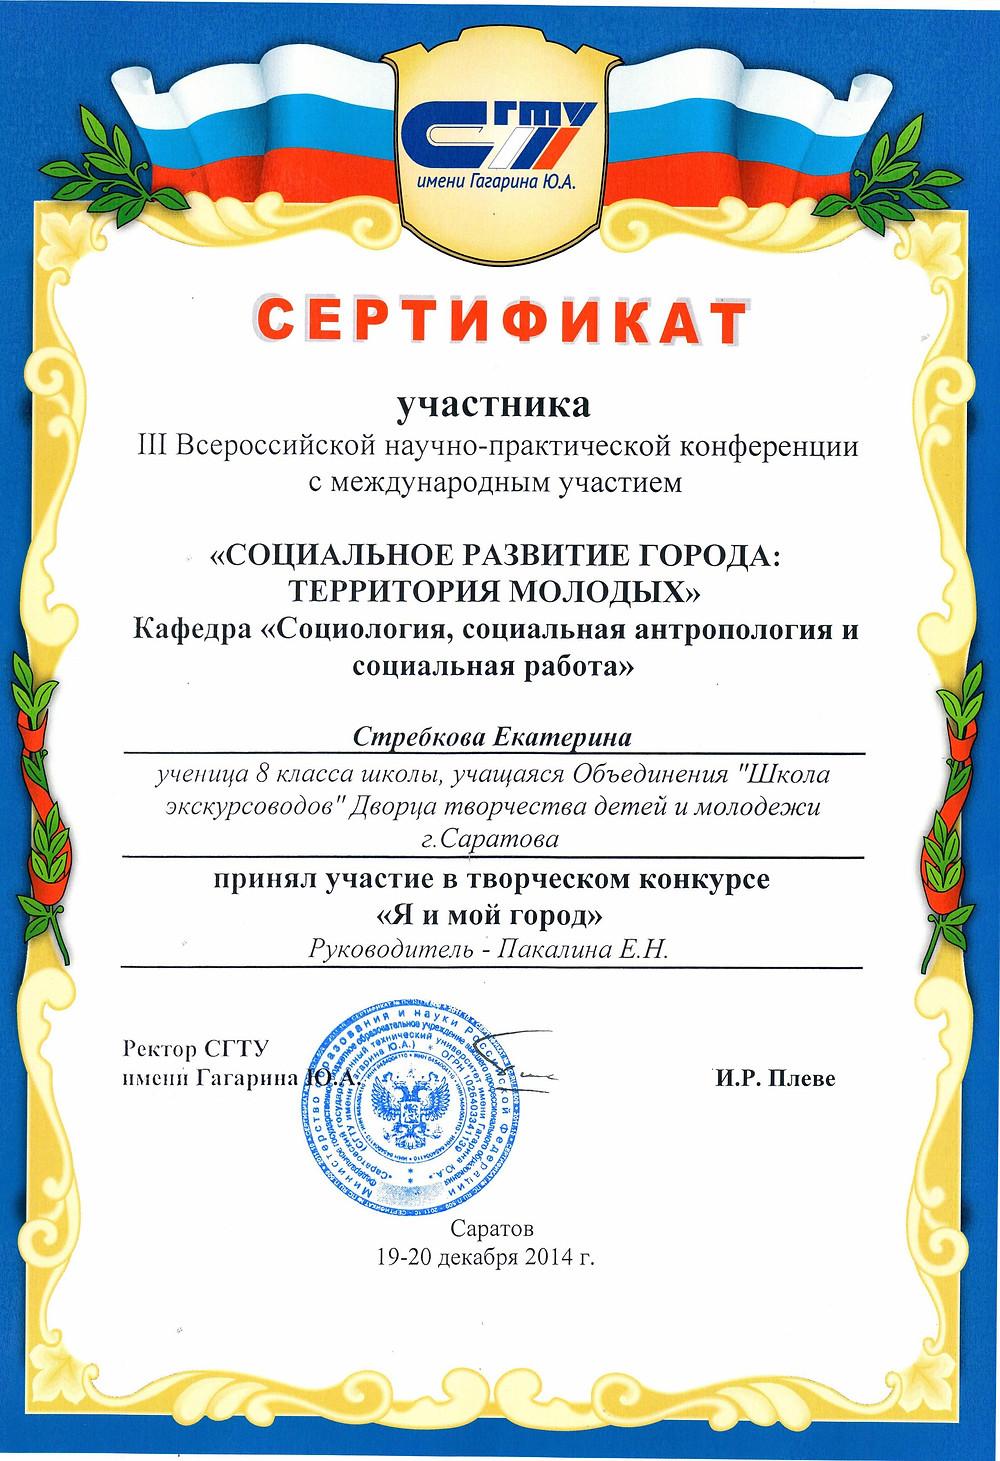 Стребкова Екатерина 2.jpg